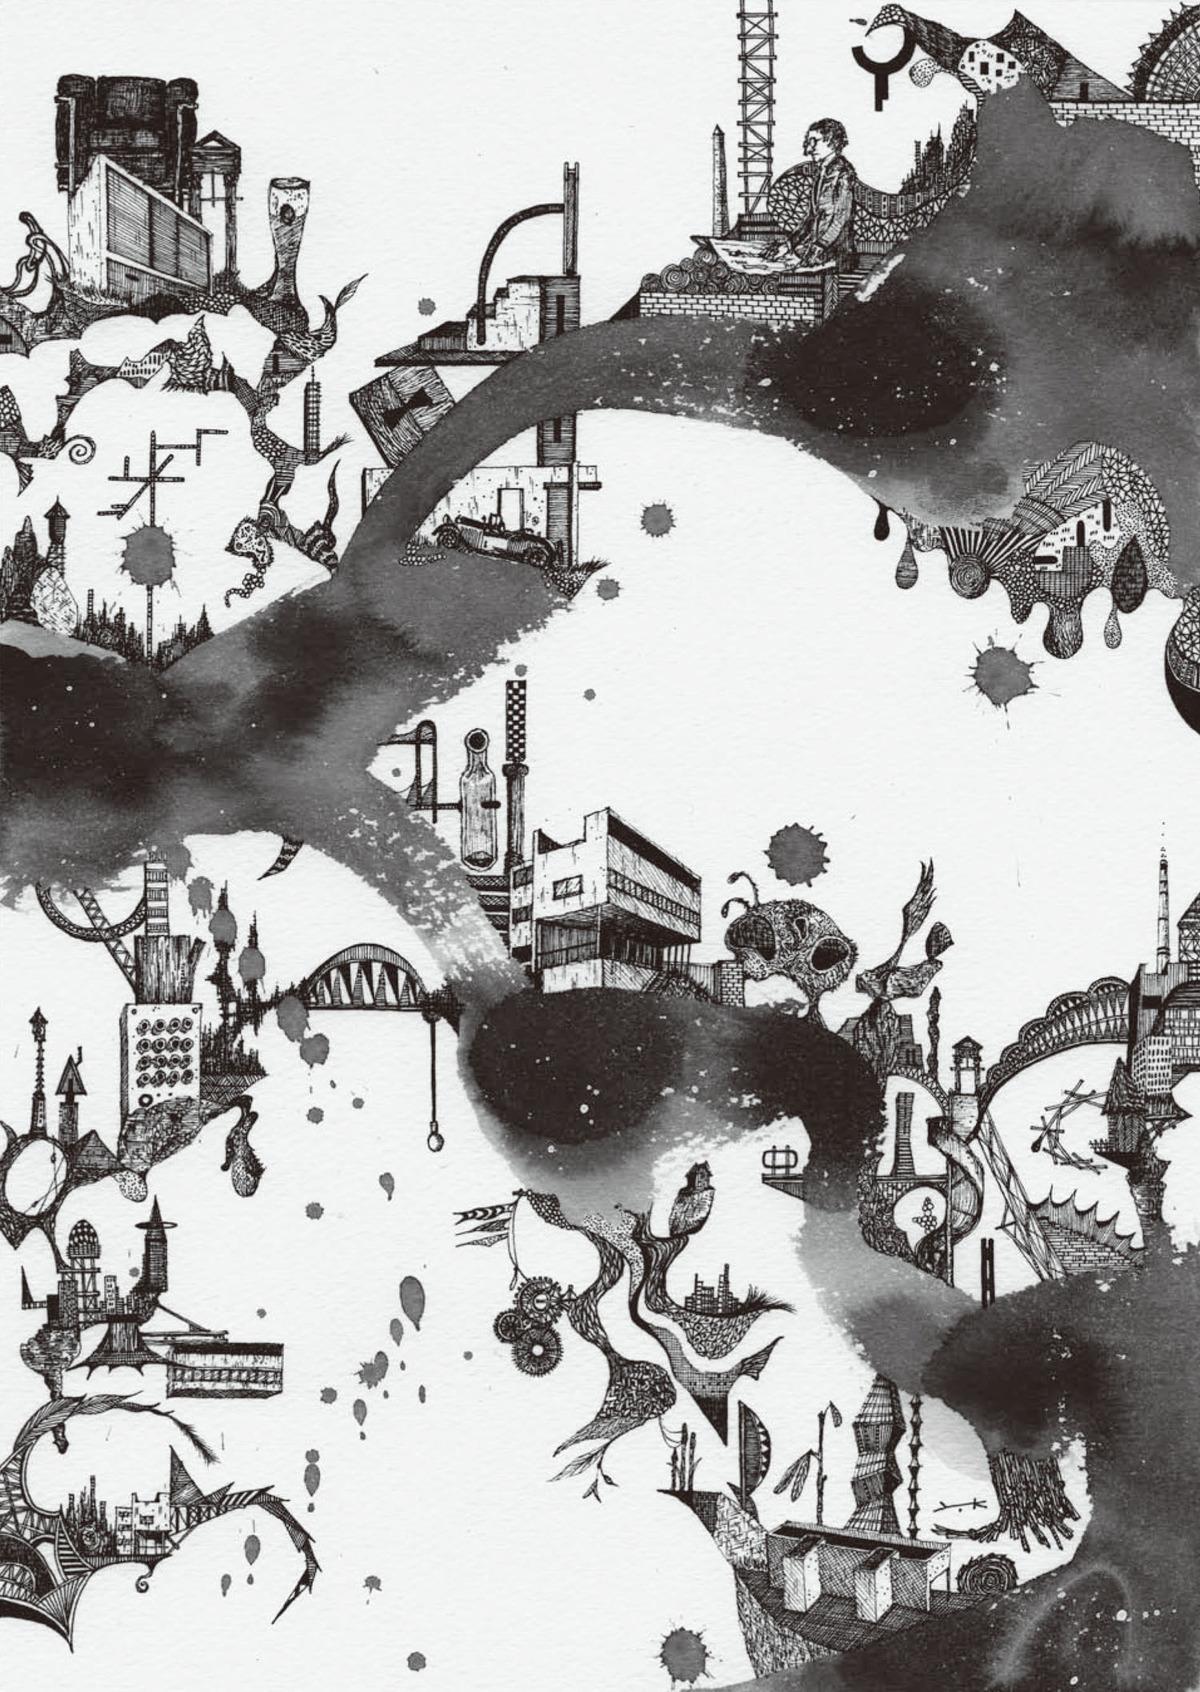 倉方俊輔のエッセイ「『悪』のコルビュジエ」 第4回